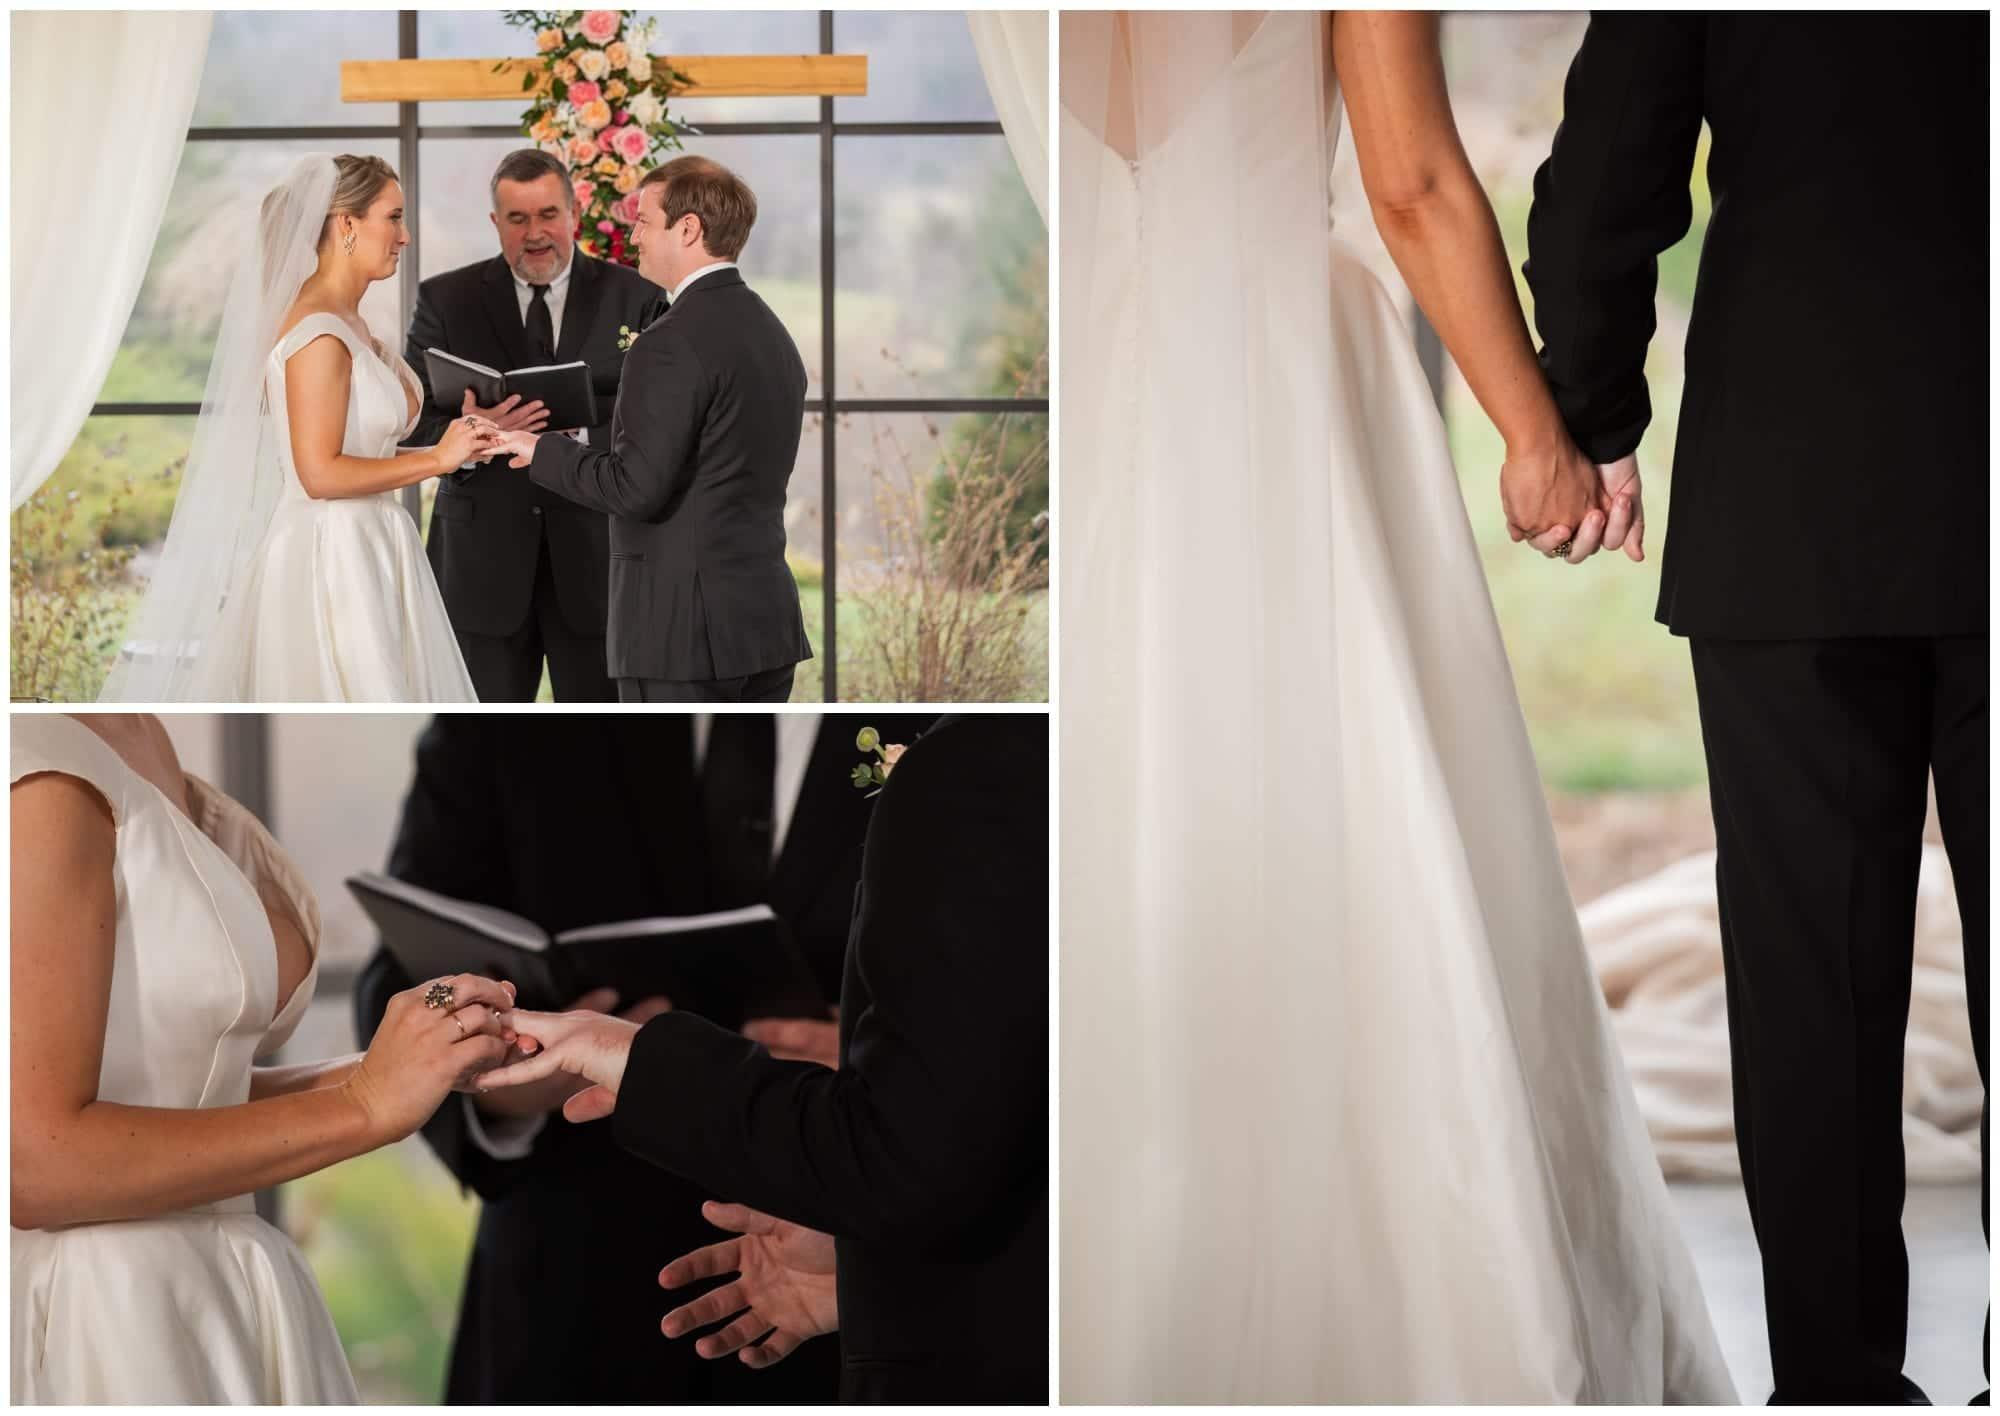 Exchange of Rings at Wedding